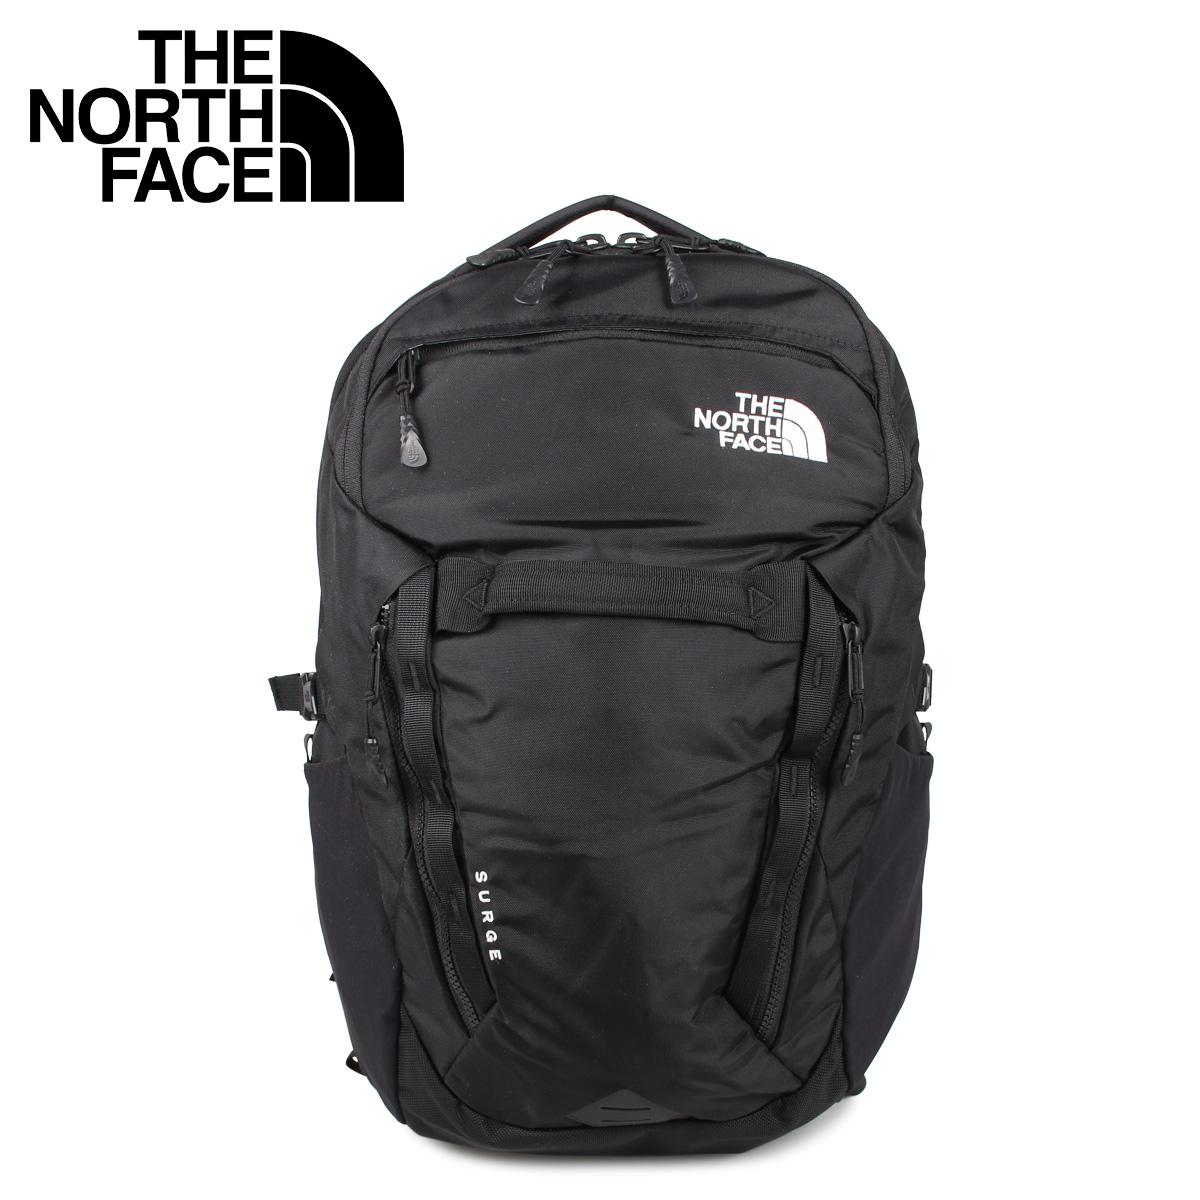 THE NORTH FACE ノースフェイス リュック バッグ バックパック サージ メンズ レディース 31L SURGE ブラック 黒 NM71852 [4/17 新入荷]